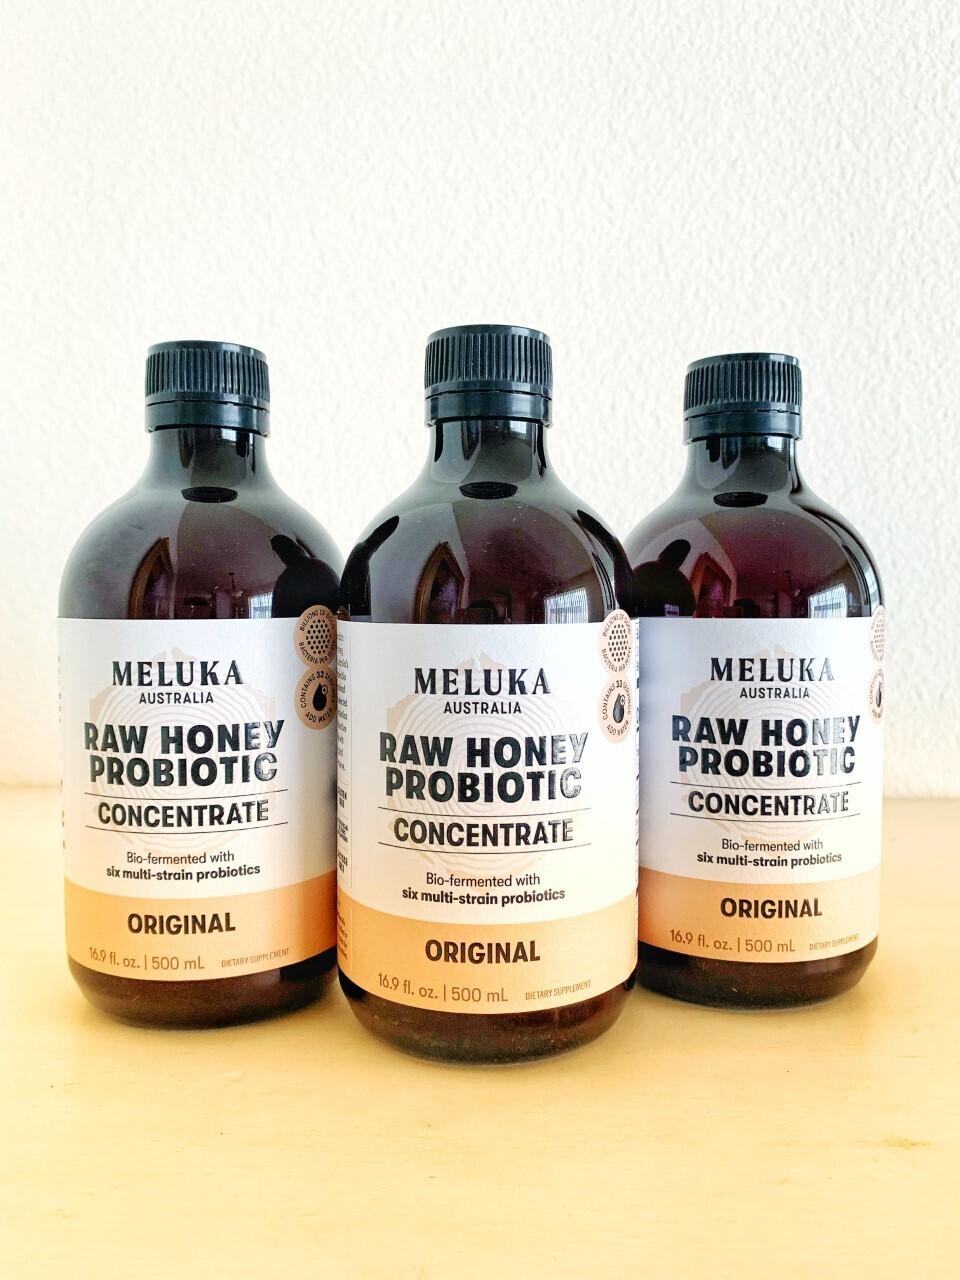 Raw Honey Probiotic